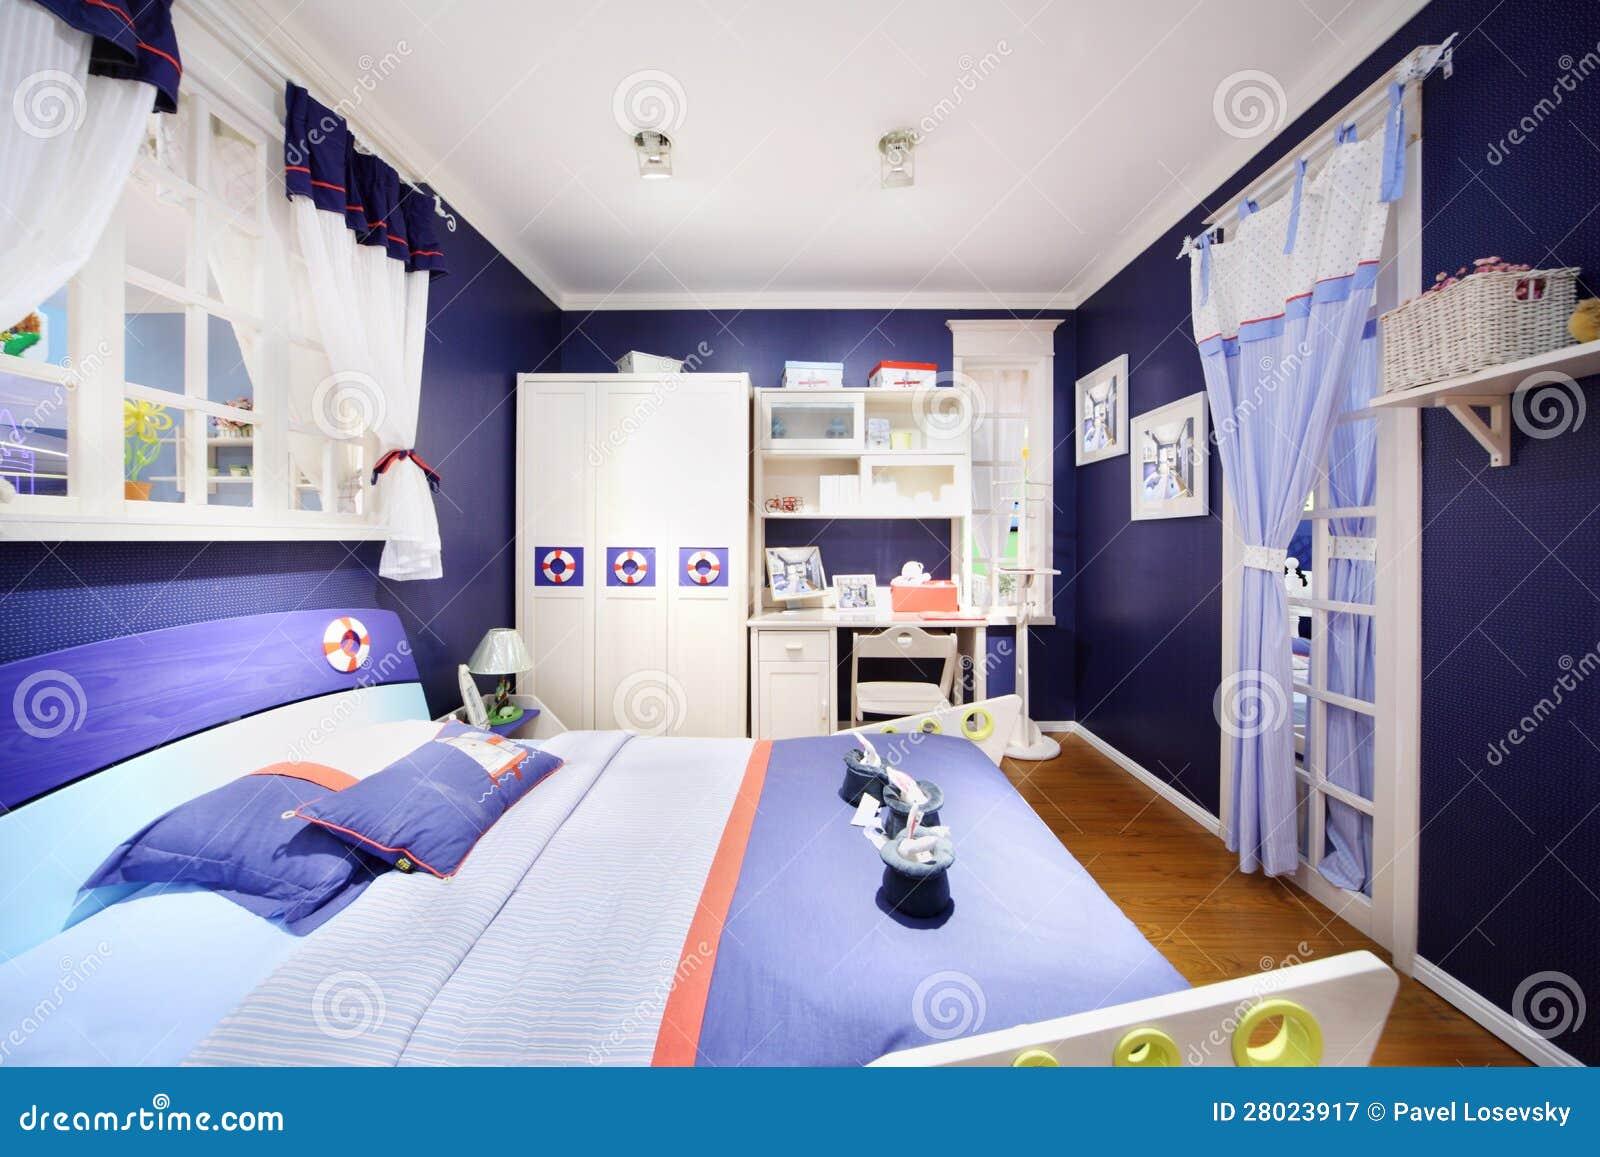 Stilvolles blaues schlafzimmer f r jungen stockbild bild von blume bequem 28023917 - Jungen schlafzimmer ...